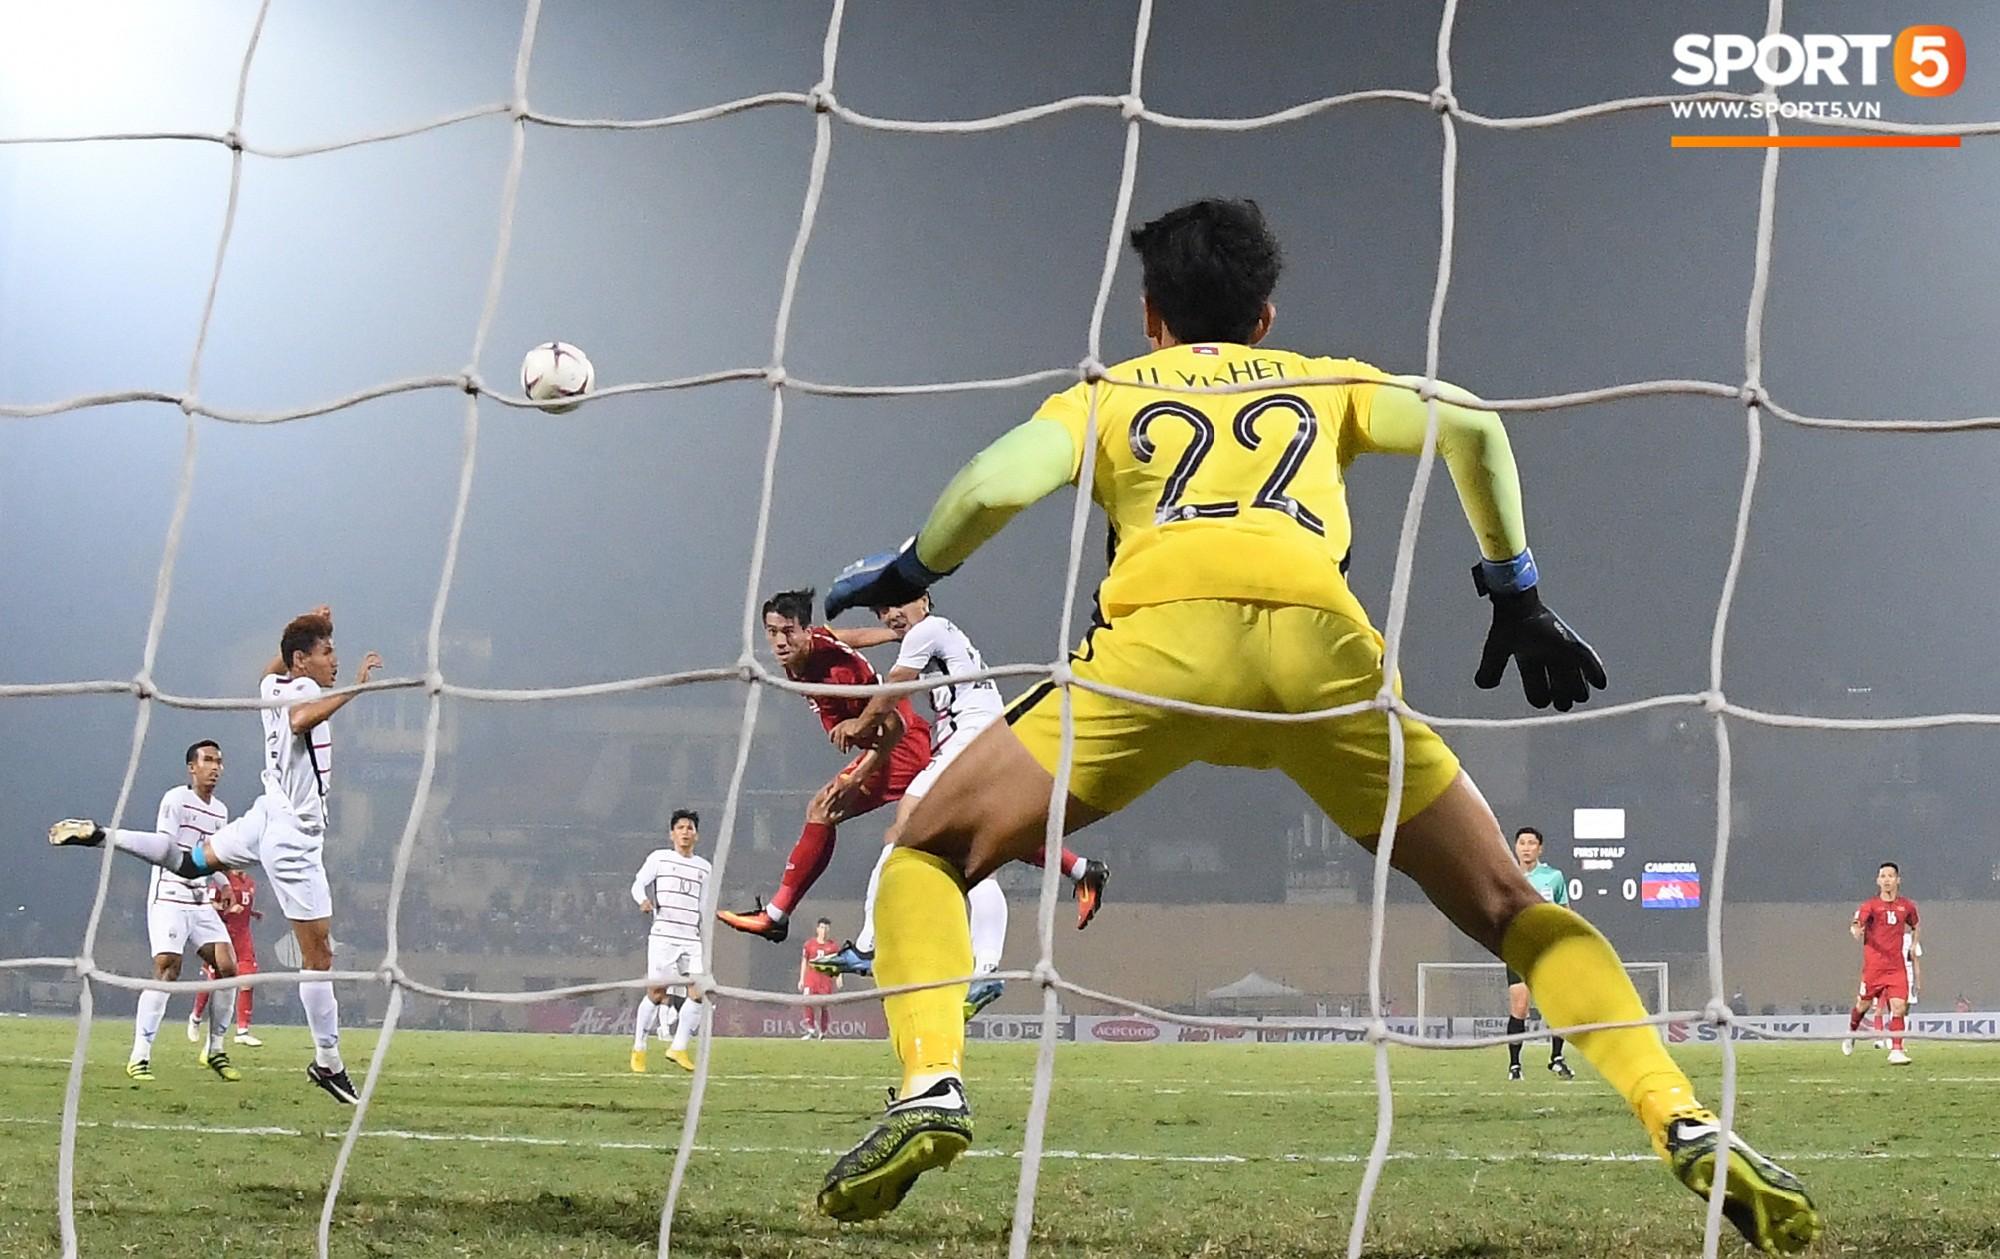 Hành trình kỳ diệu của bóng đá Việt Nam trong năm 2018 qua ảnh - Ảnh